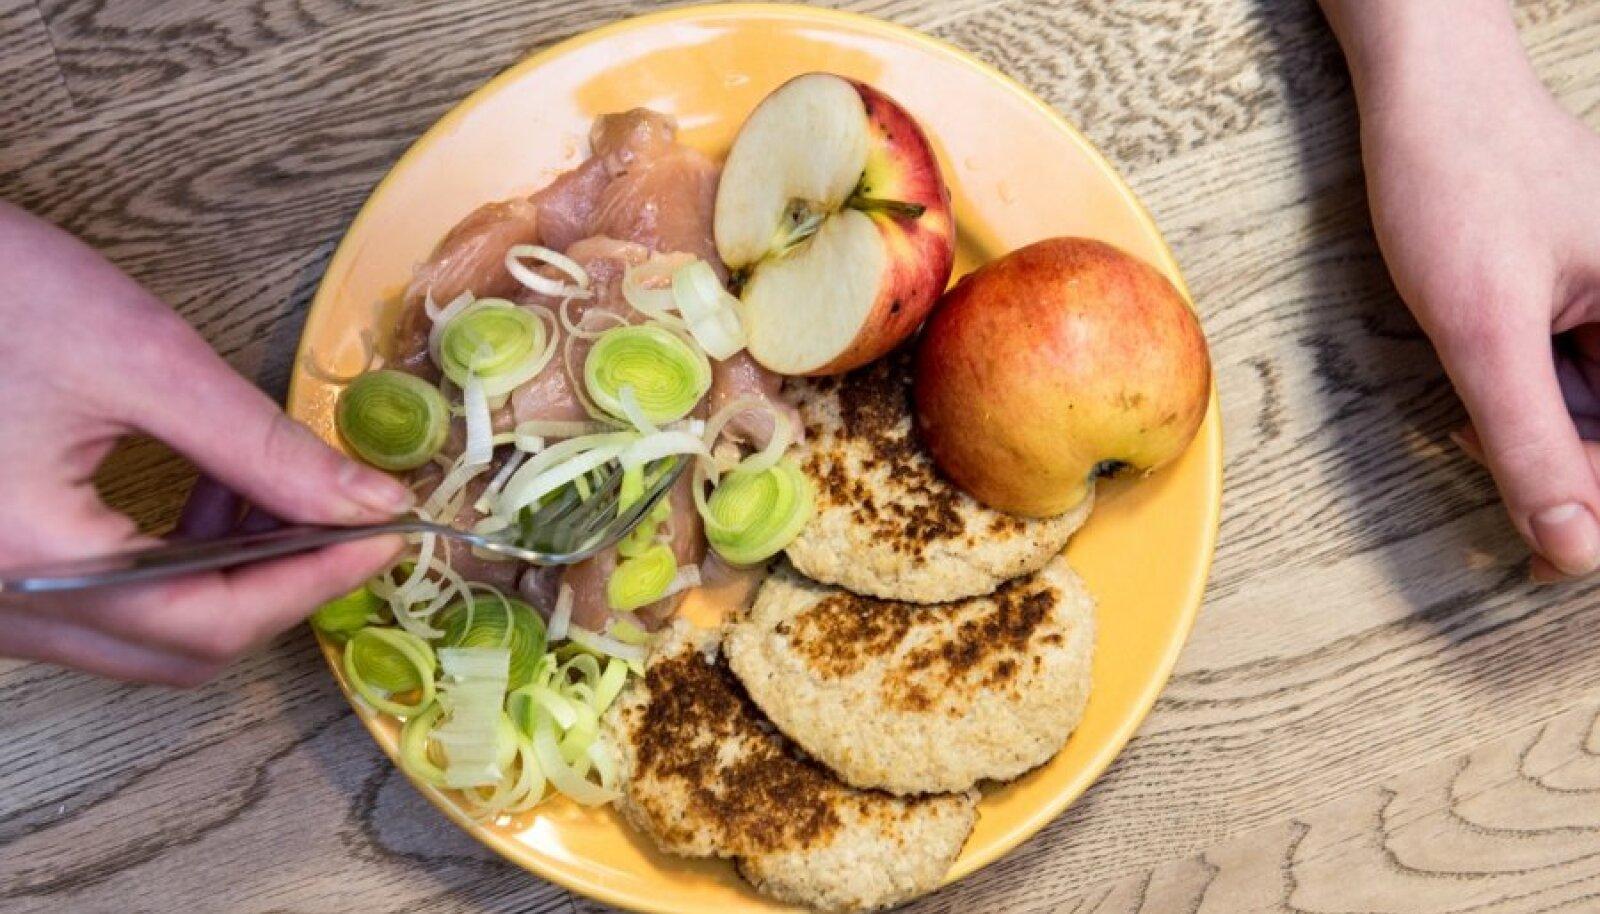 Обед на прошлой неделе: форель, блинчики и лук